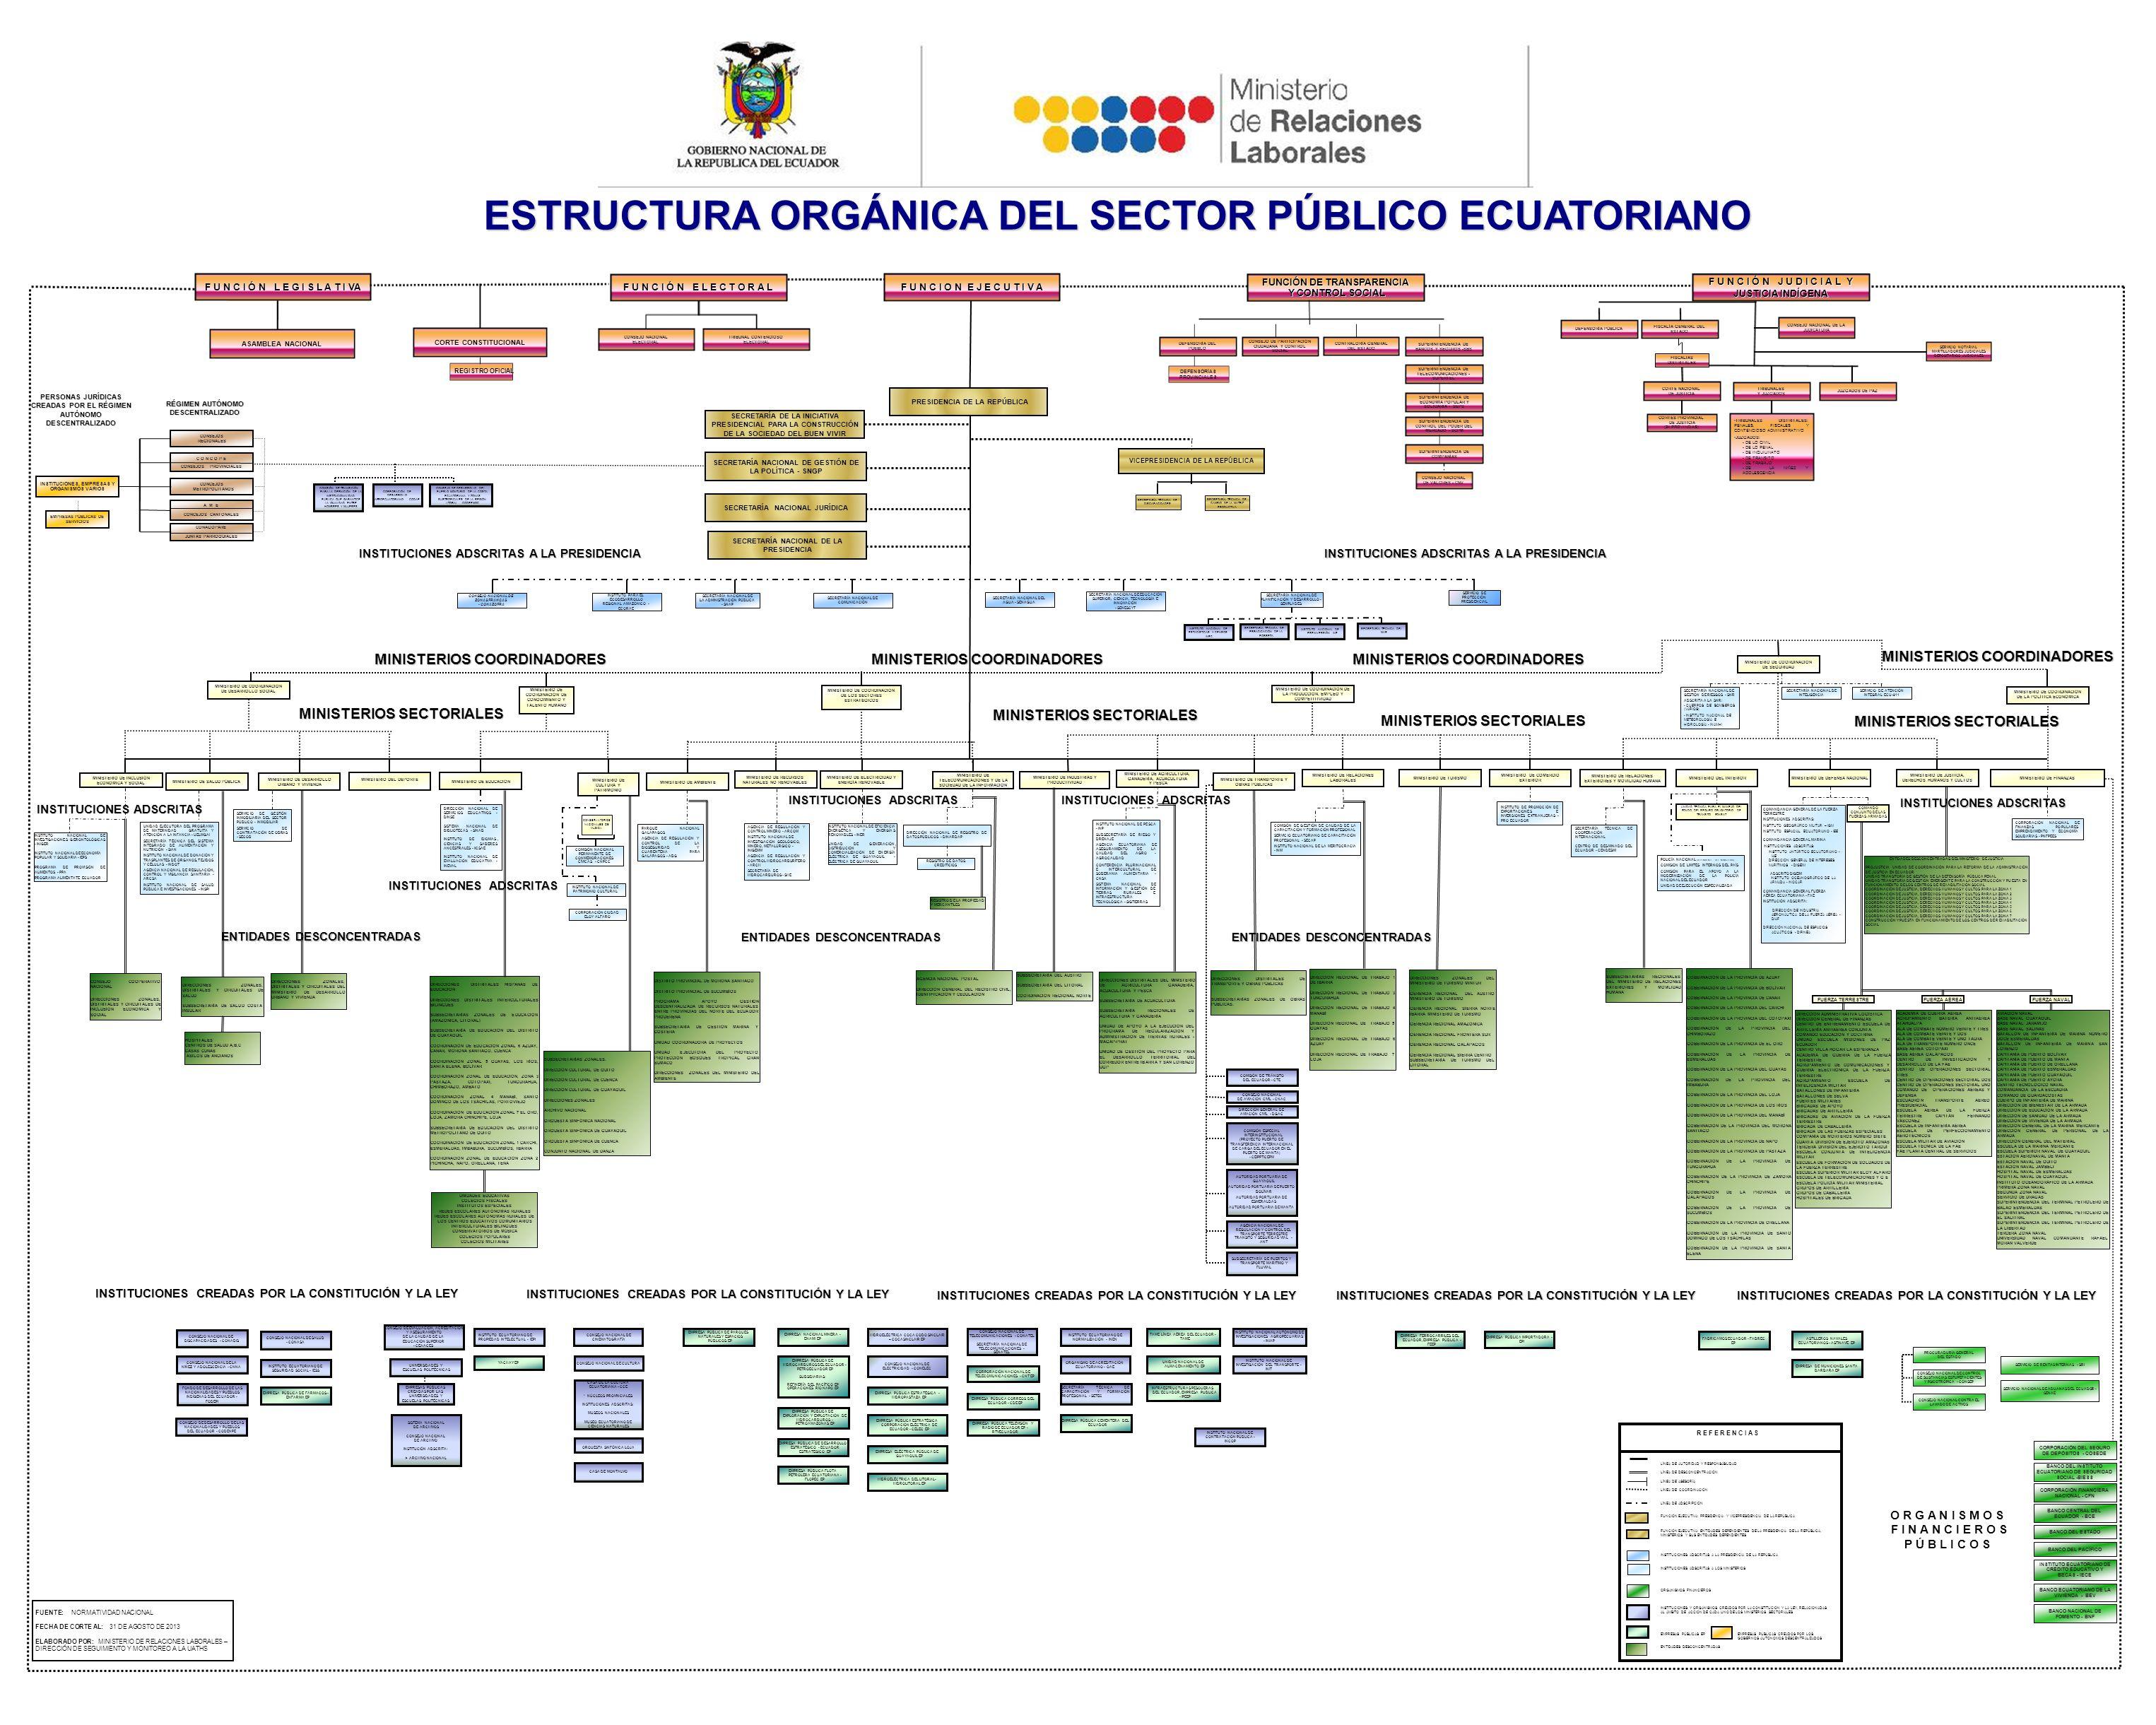 Estructura org nica del sector p blico ecuatoriano ppt for Estructura ministerio del interior